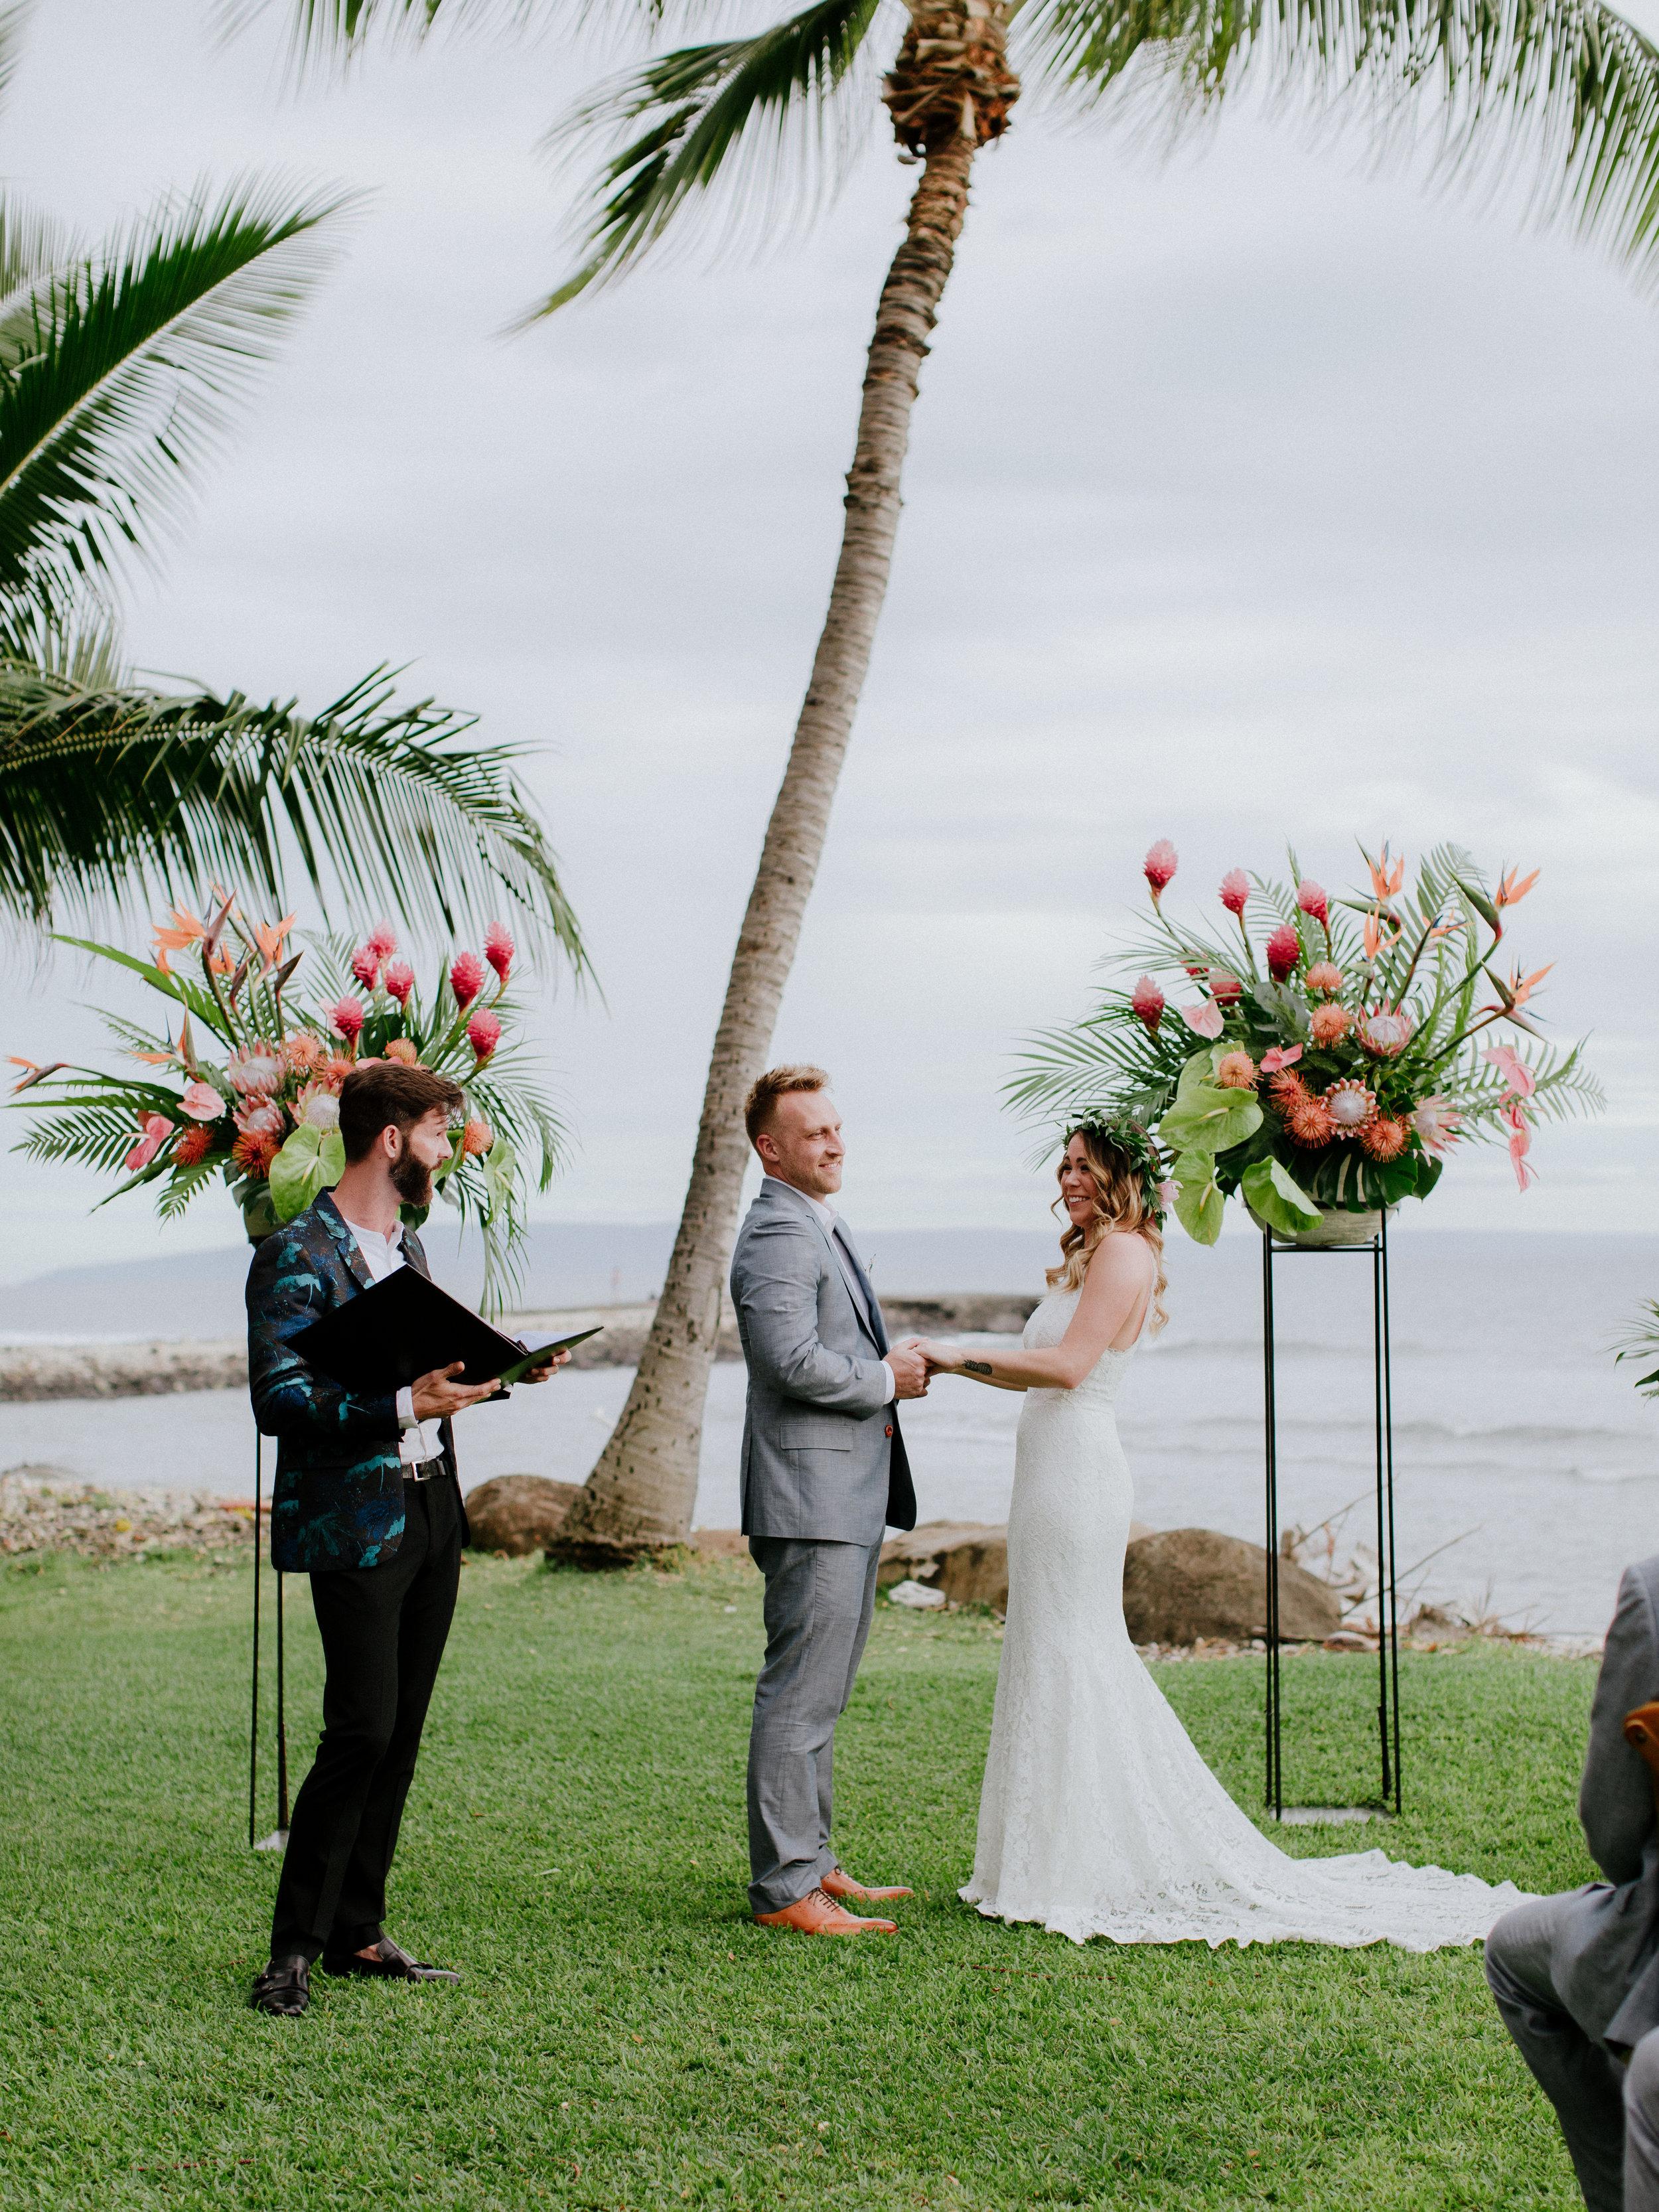 Chris-J-Evans-maui-wedding-JA1843.jpg